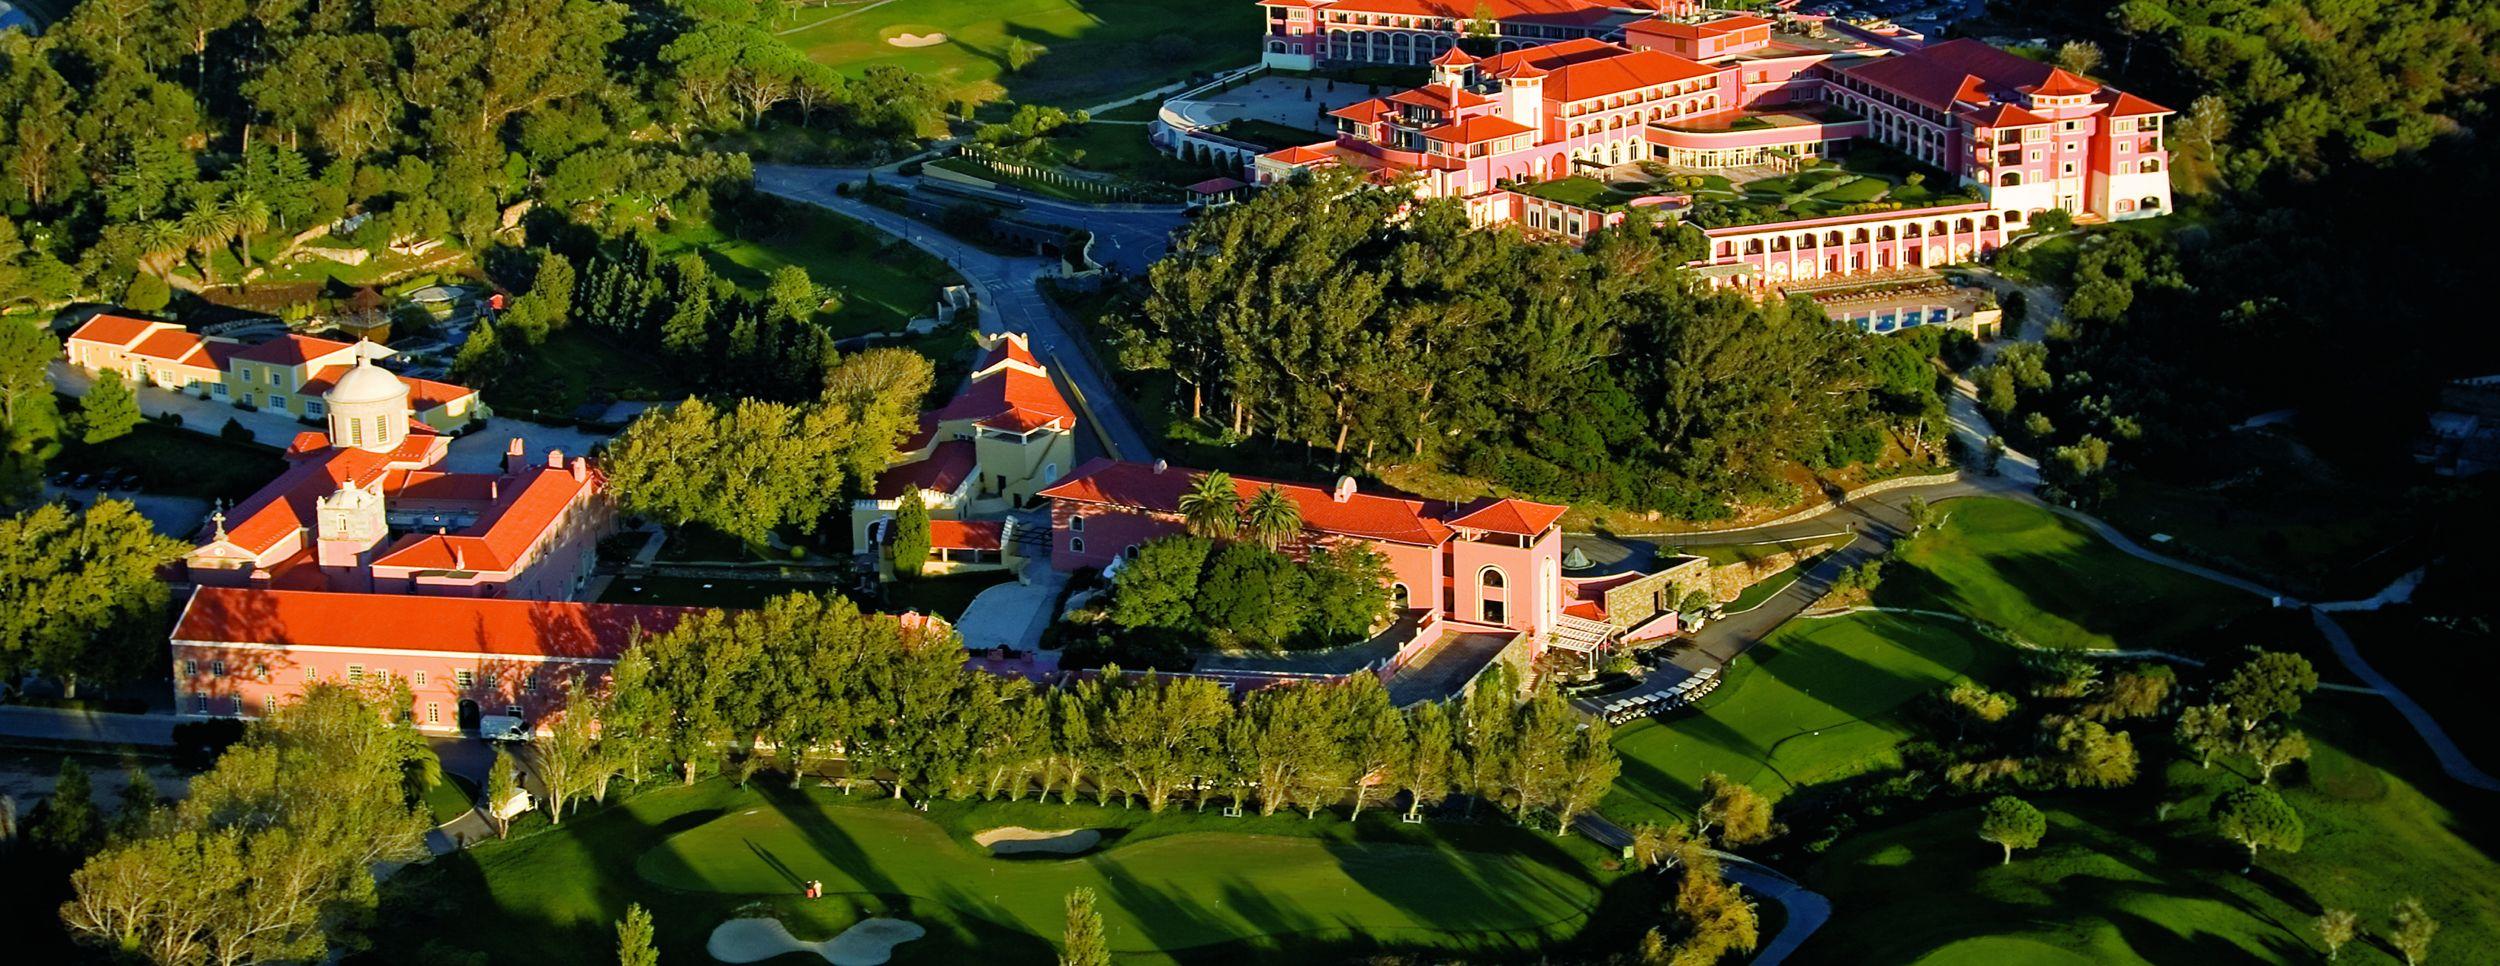 golf-expedition-golfreizen-portugal-heerlijk-golfen-mooiste-golfbanen